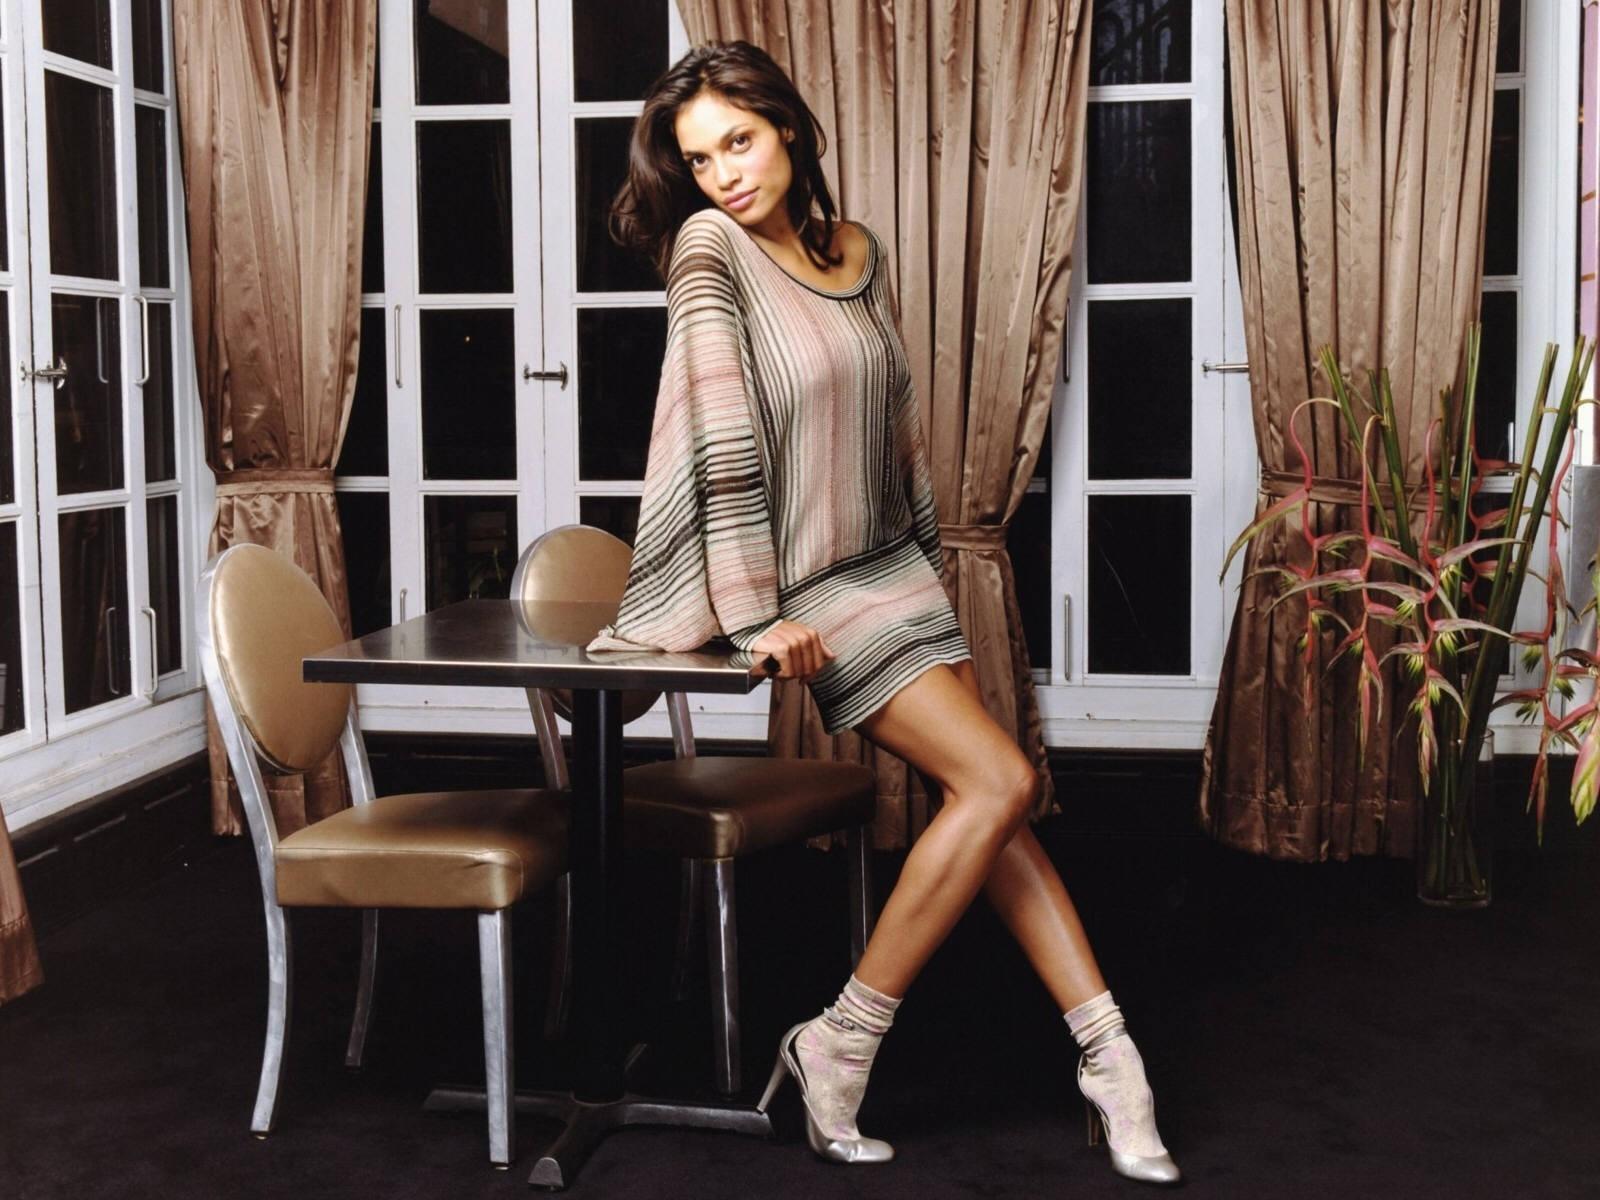 Wallpaper dell'attrice americana Rosario Dawson